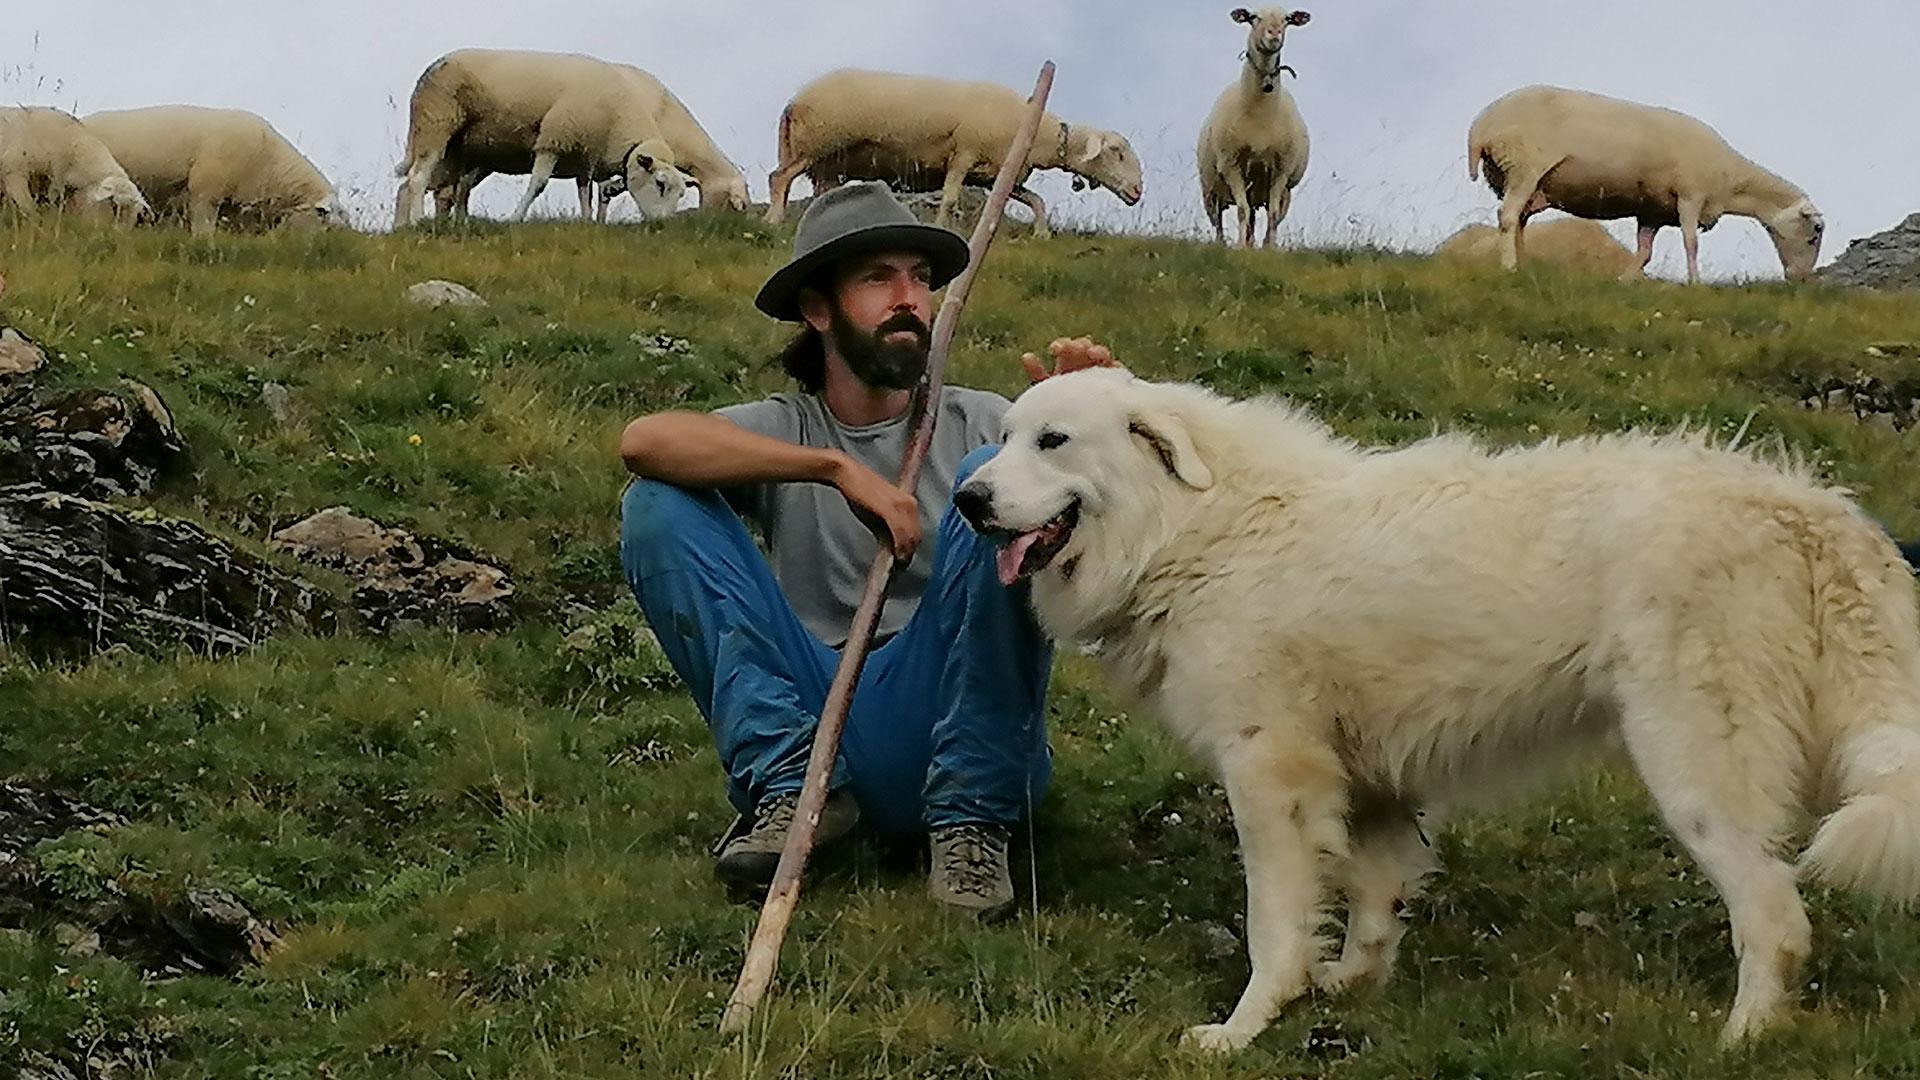 Weidenschutz in der Schweiz: Schäfer mit Weidenschutzhunden Patou (Pyrenäen-Berghund)